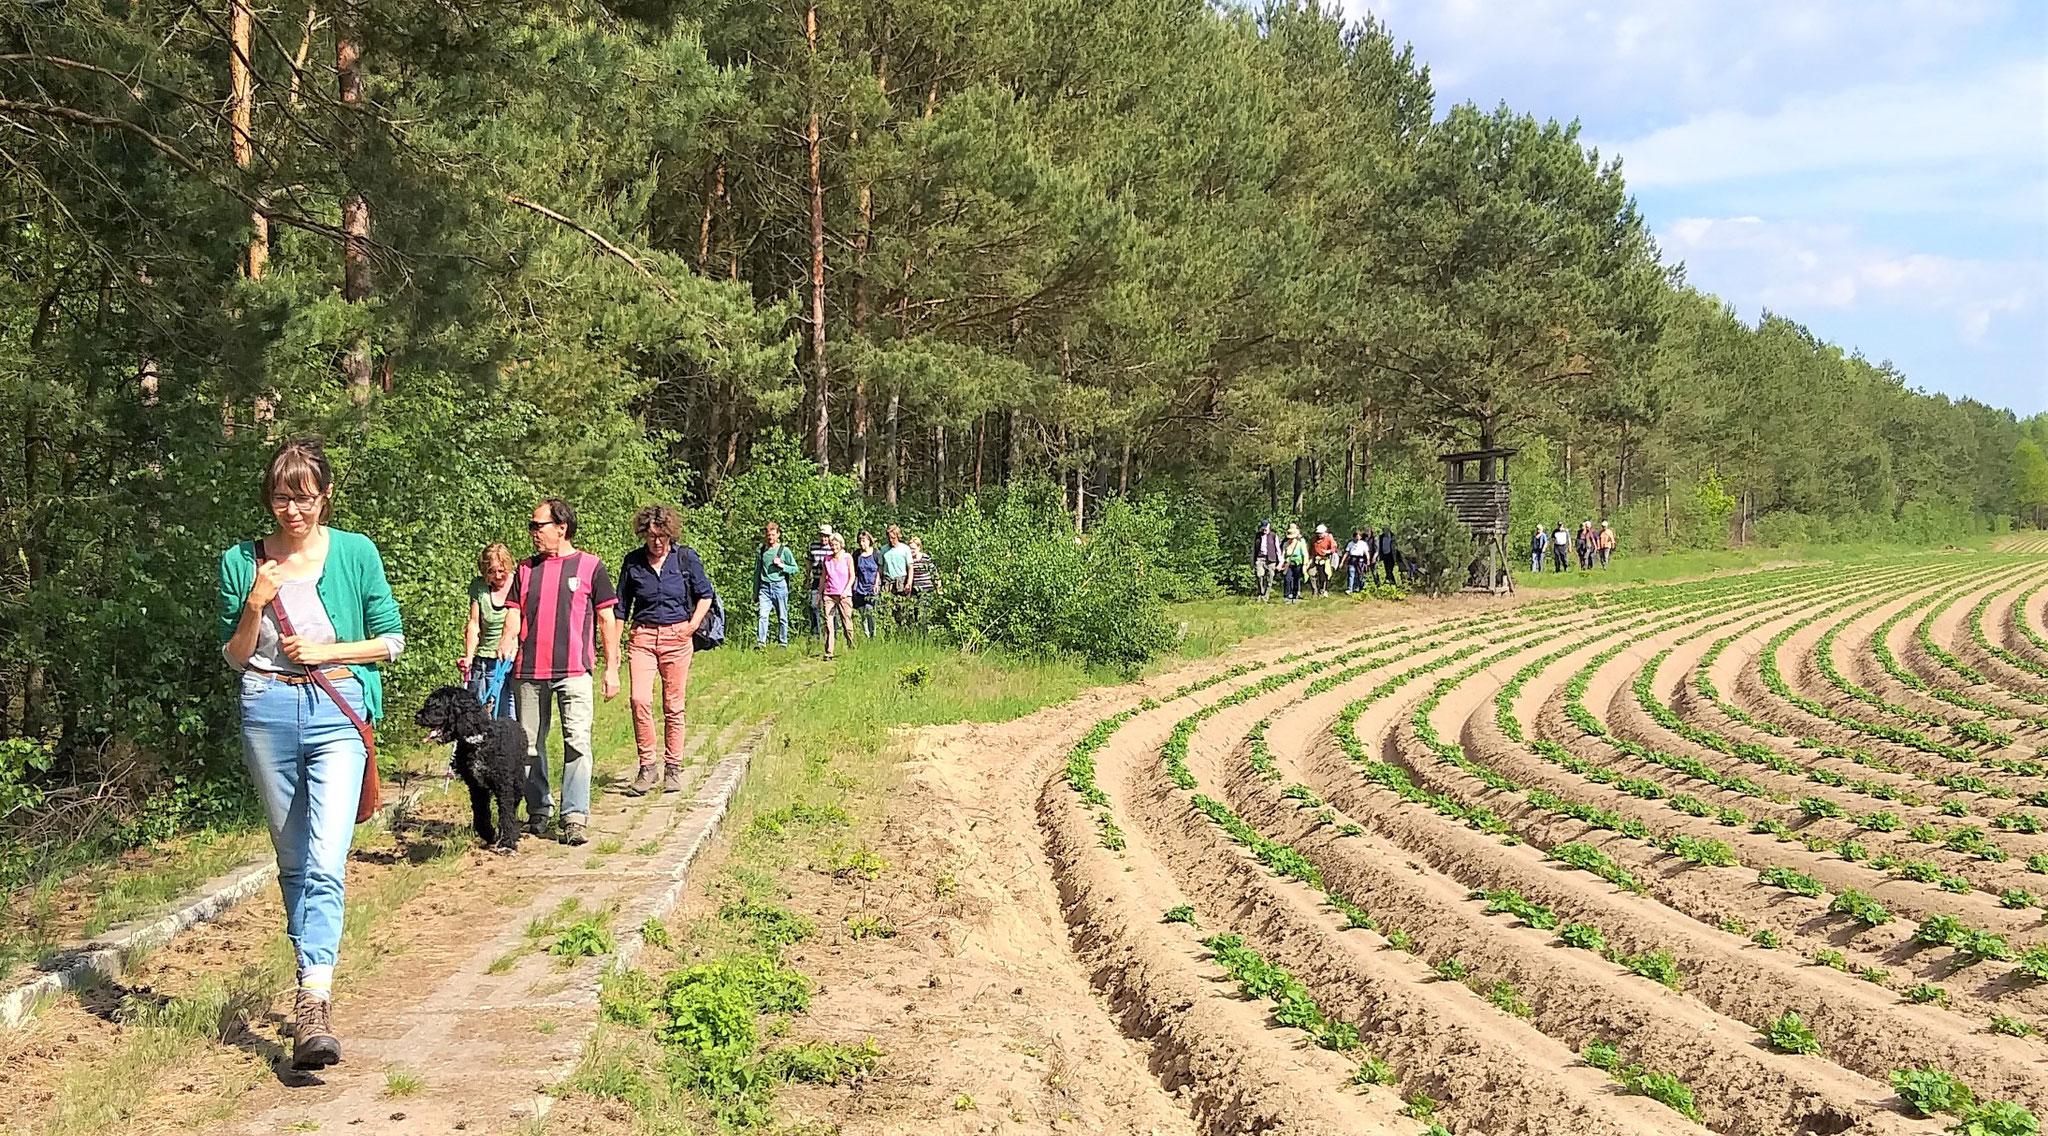 Grünes Band-Wanderung am 18.05.2019 rund um Dahrendorf